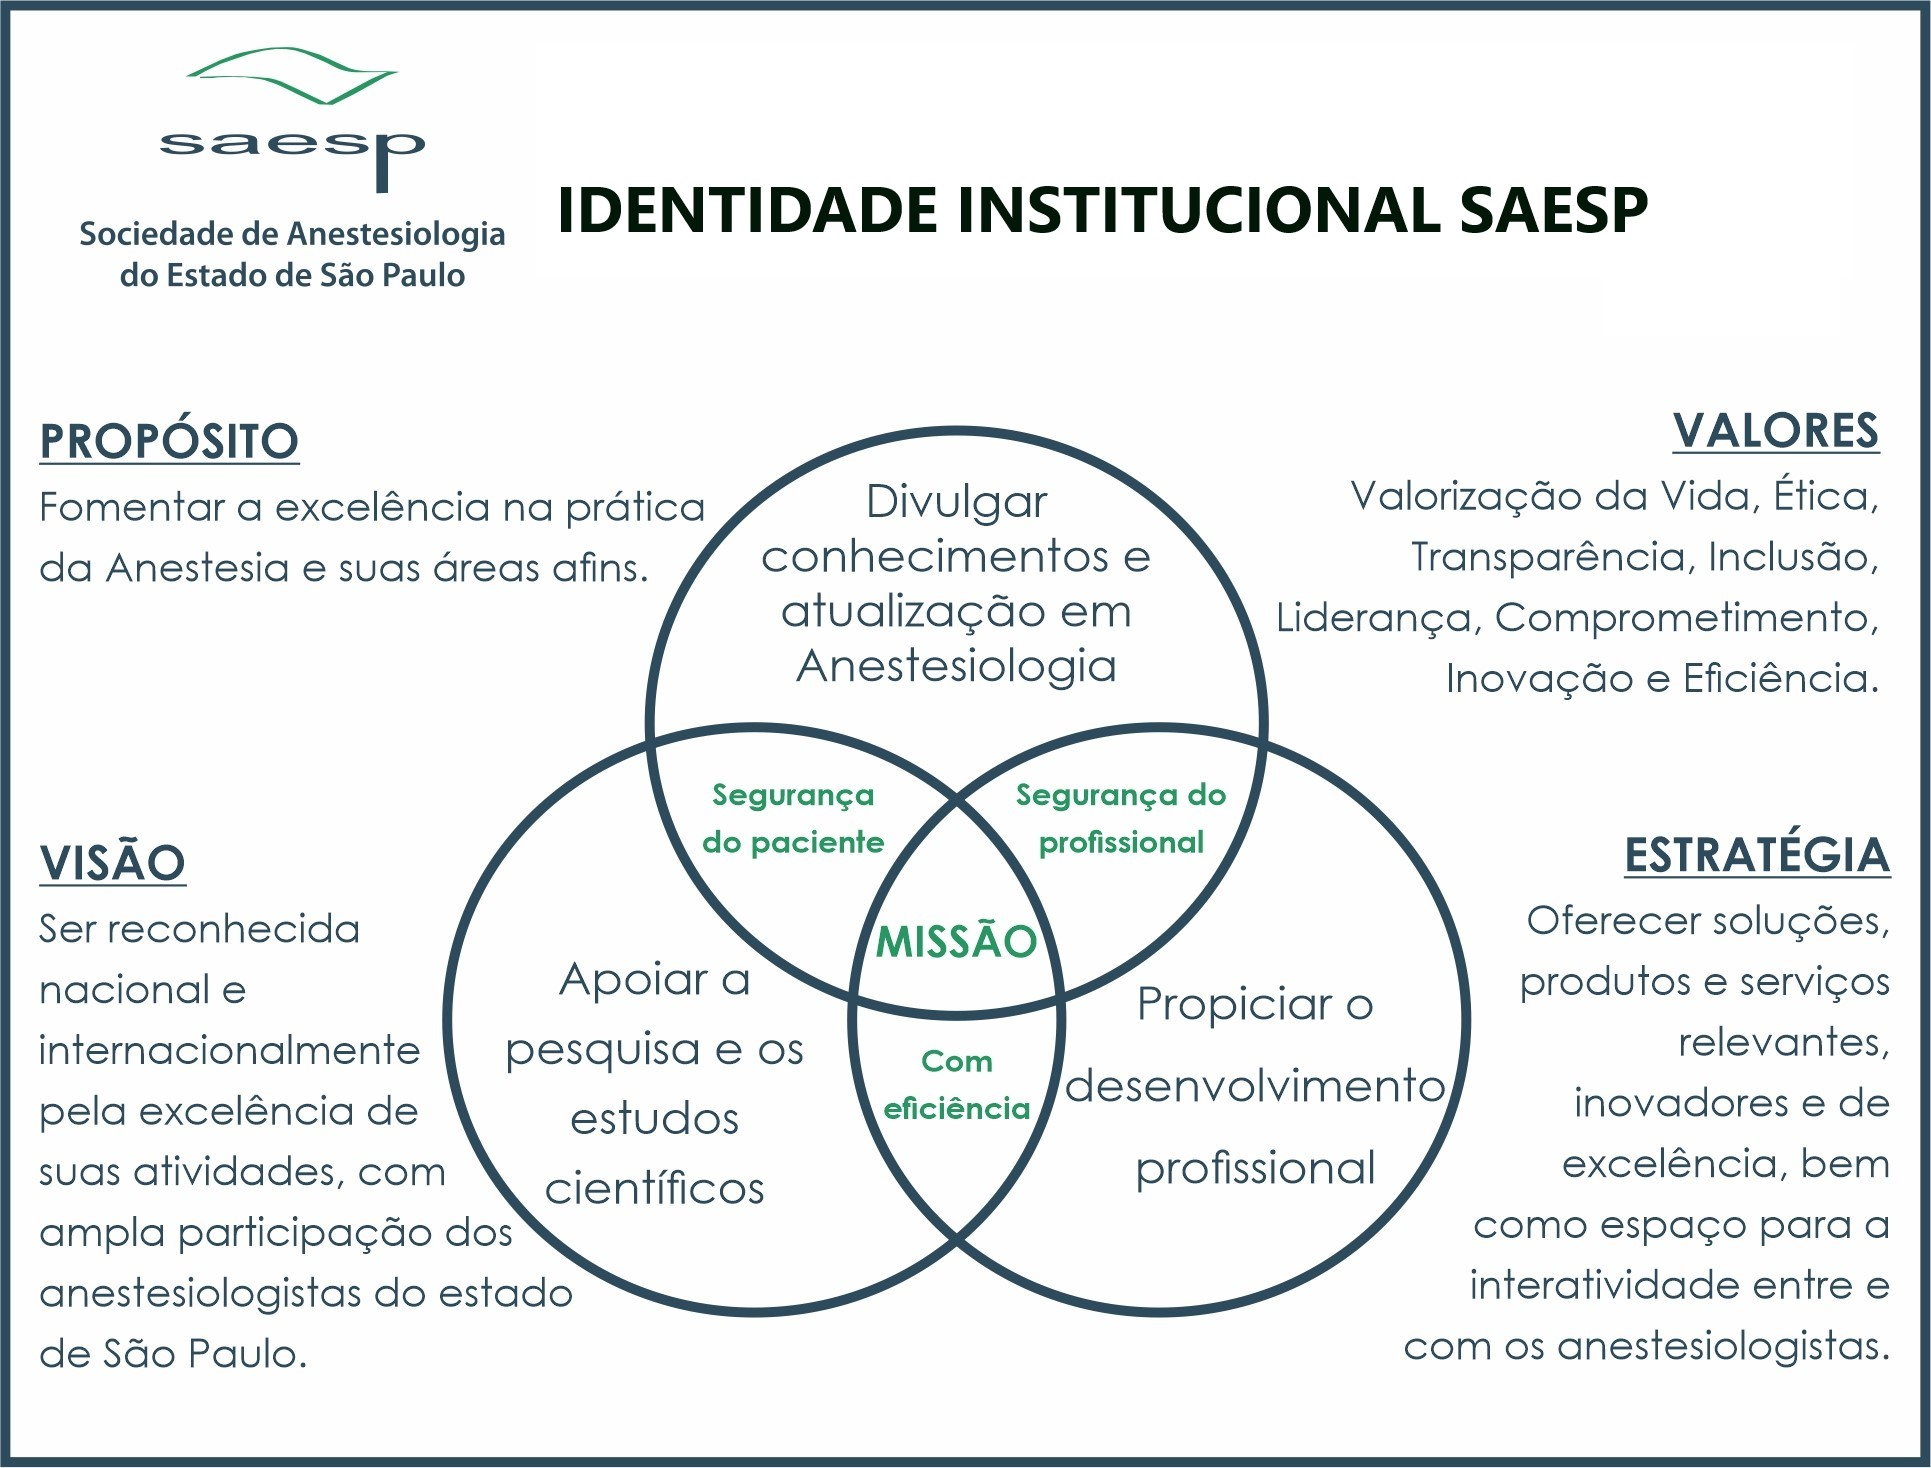 Identidade Institucional